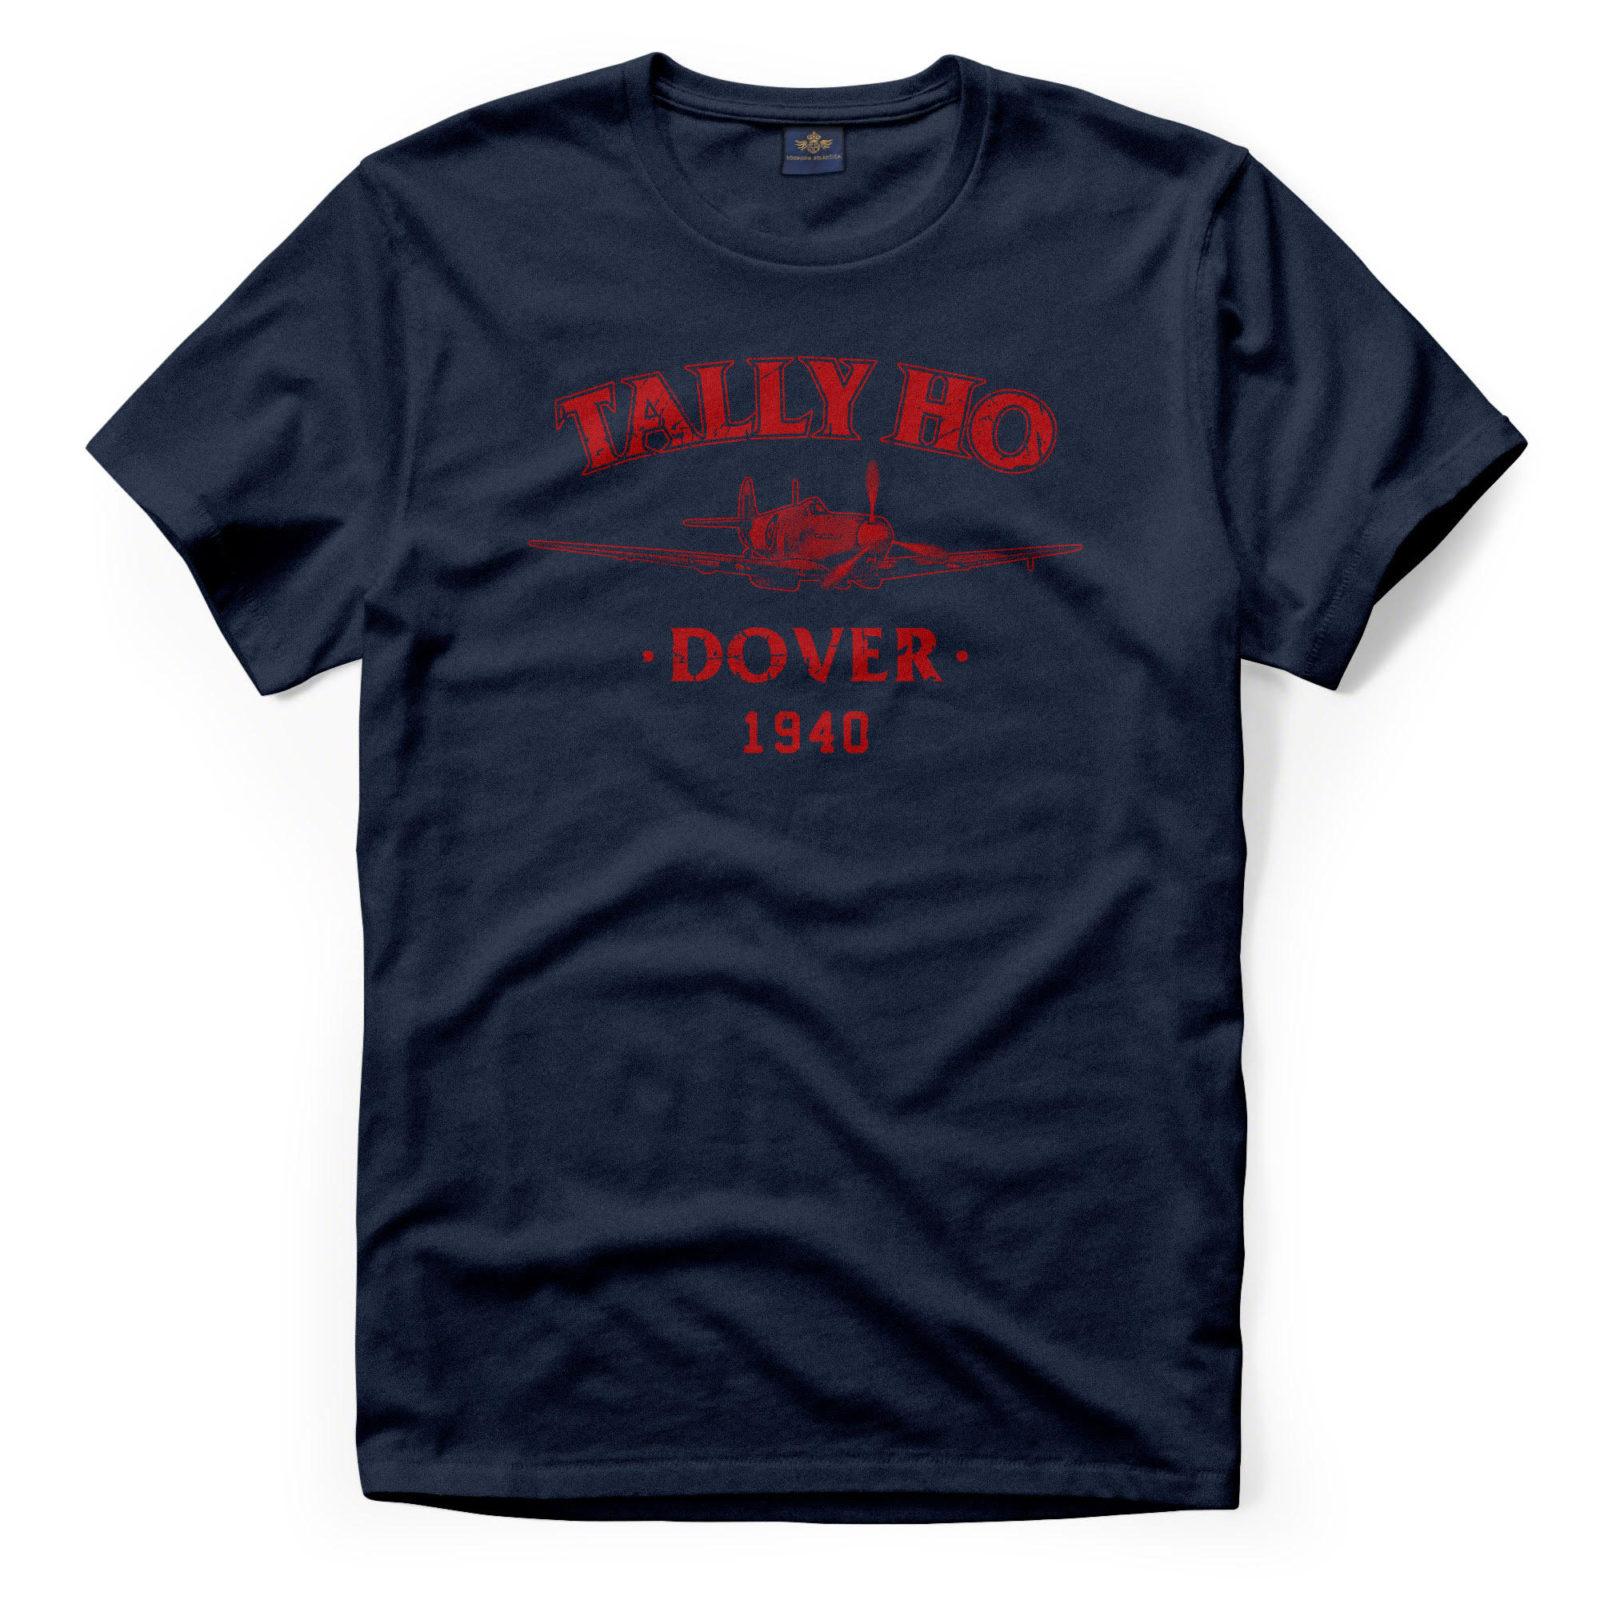 Tshirt Tally ho Squadratlantica